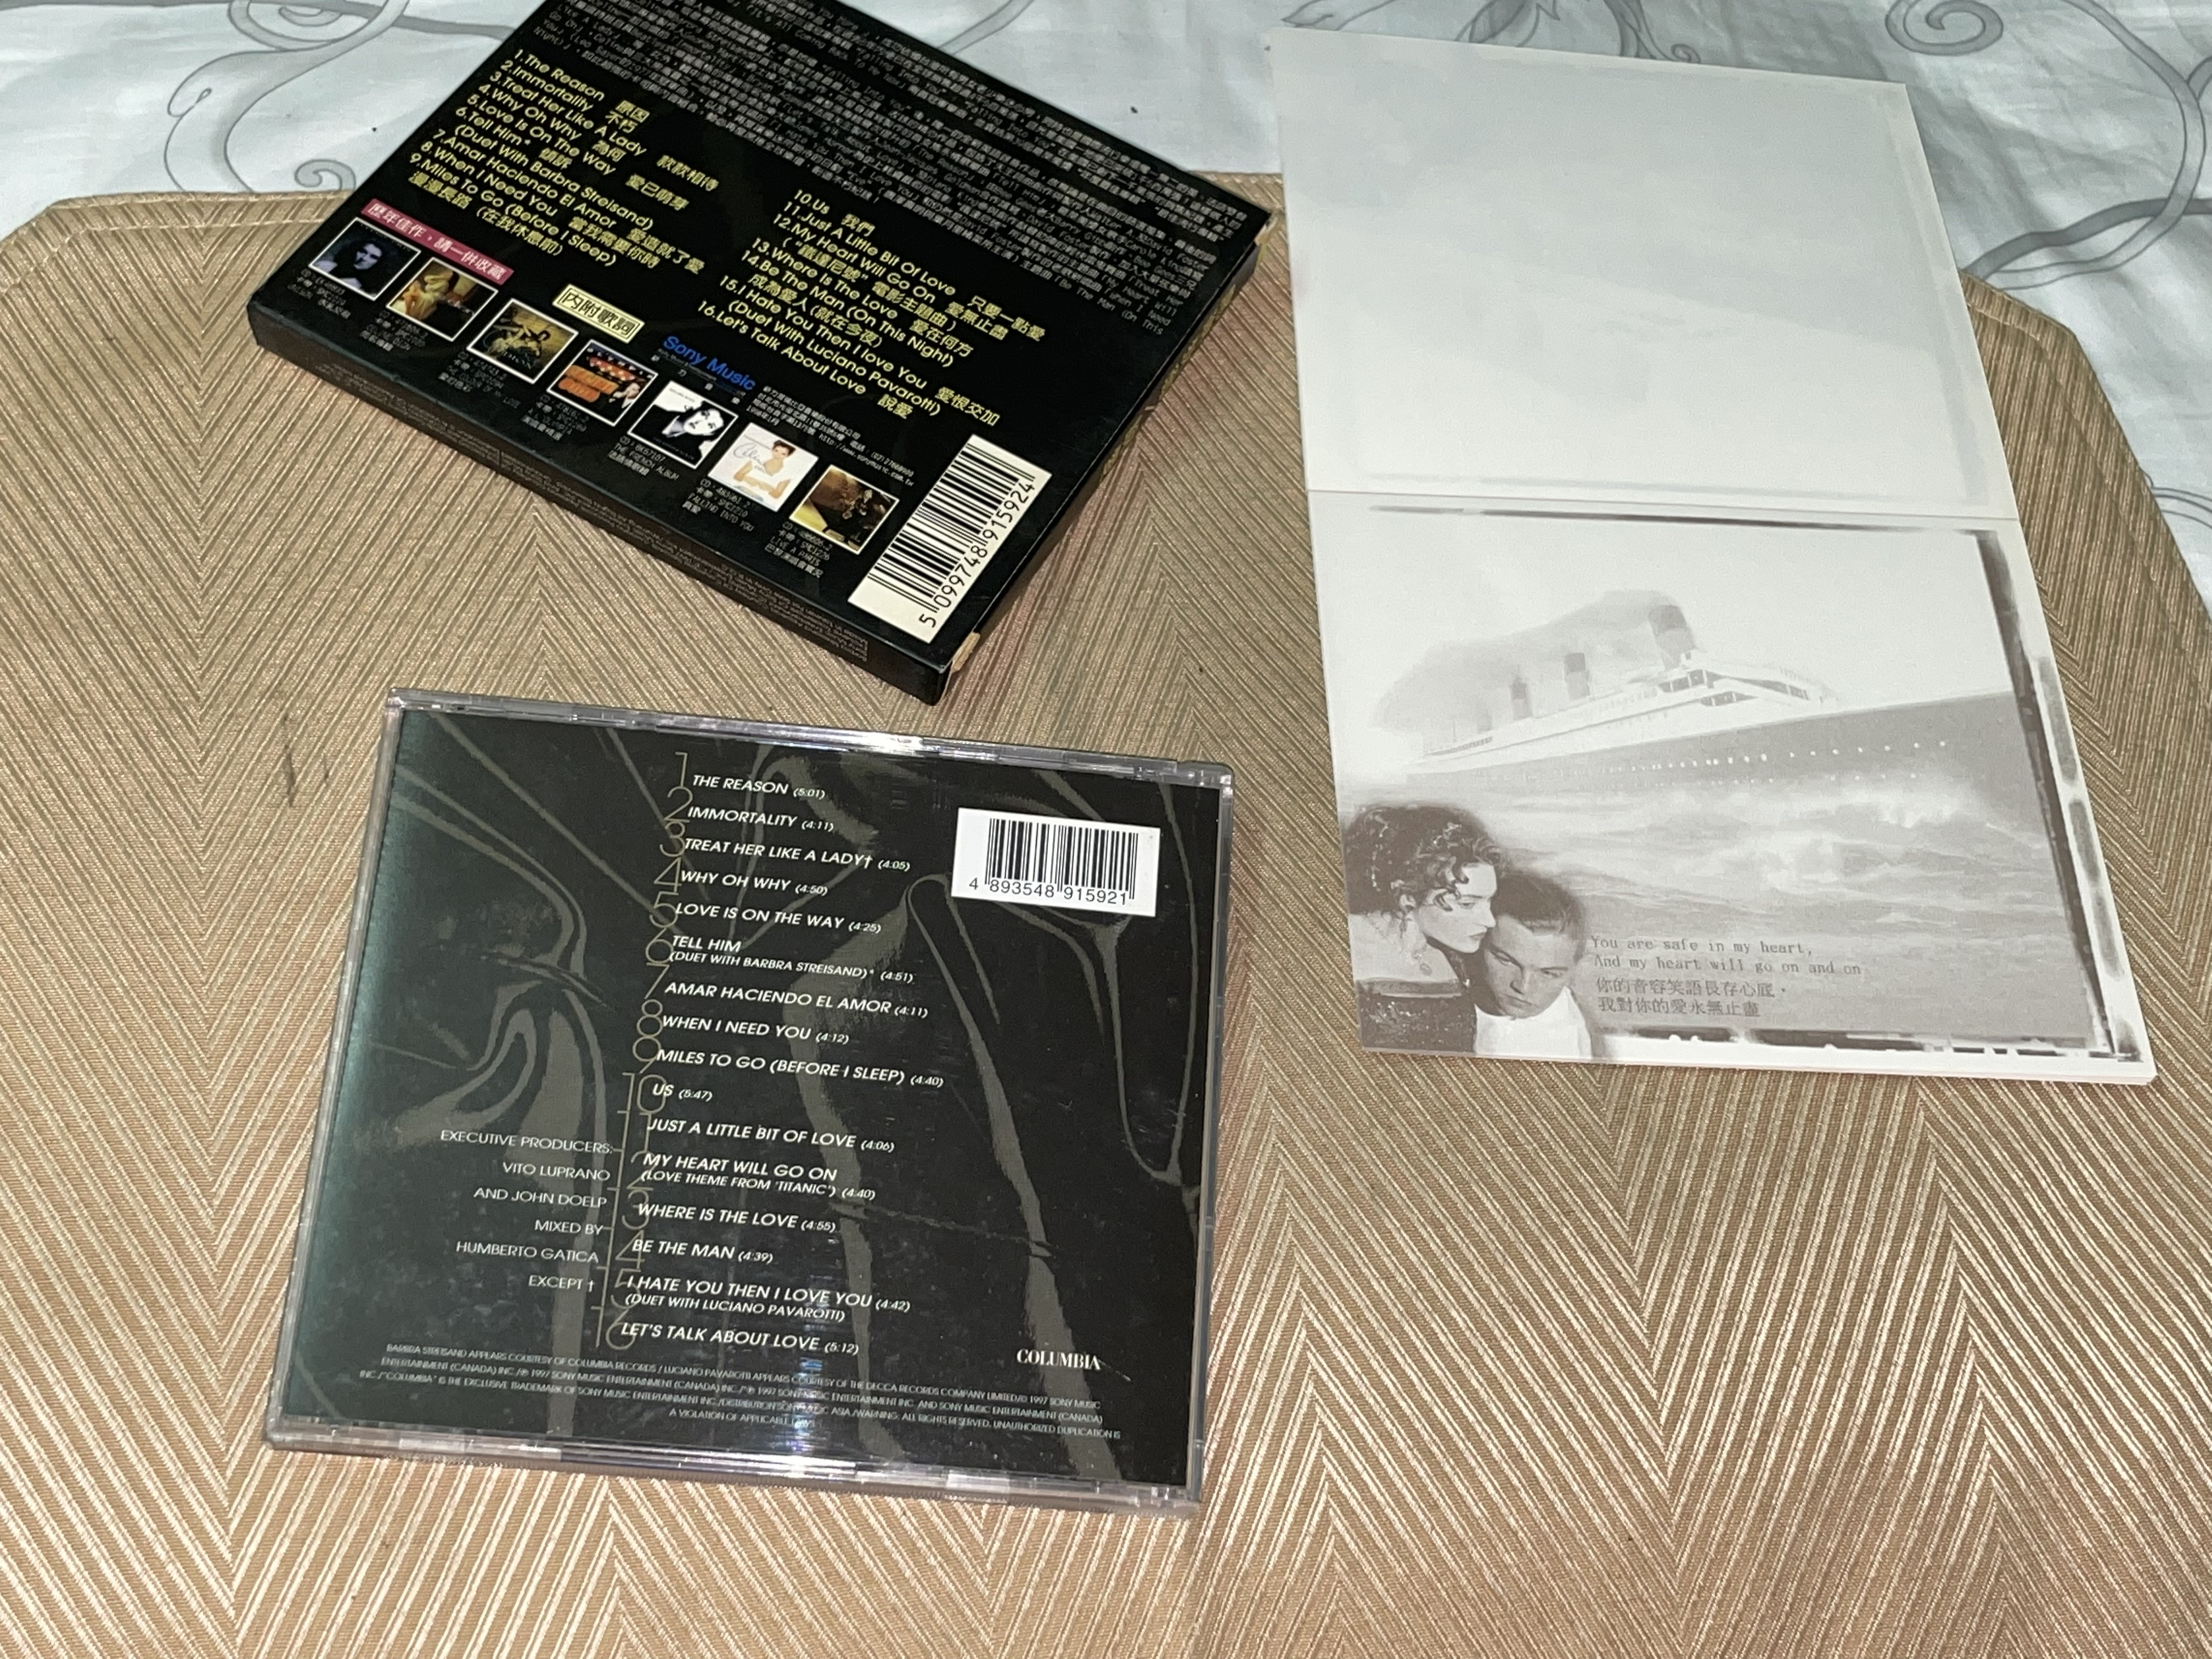 【李歐的音樂】幾乎全新有鐵達尼號劇照信籤CELINE DION 說愛  LETS TALK ABOUT LOVE CD